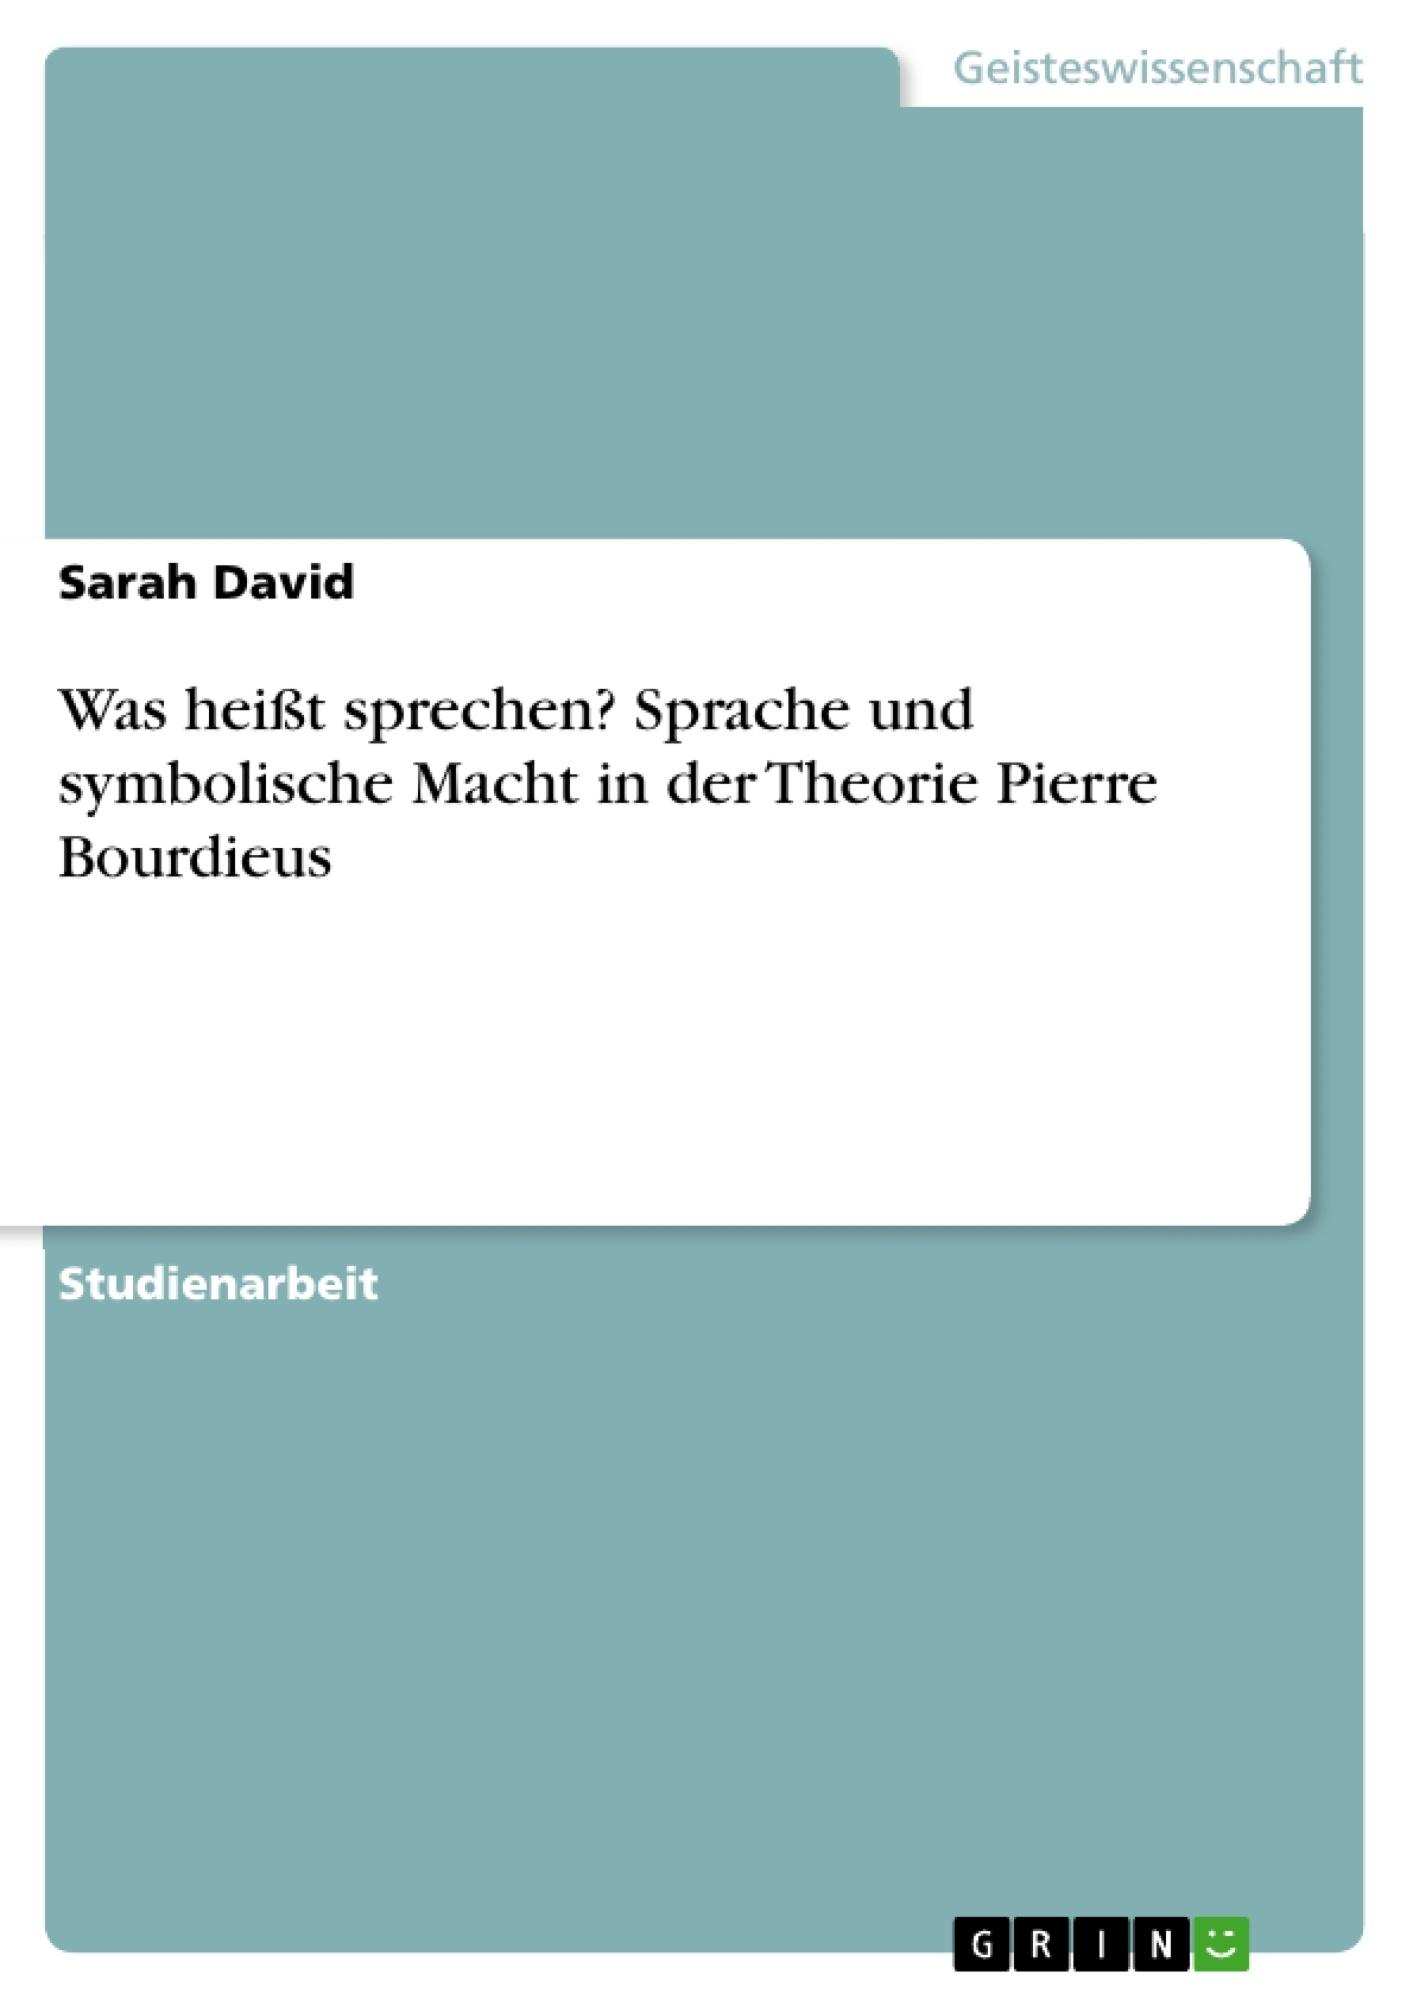 Titel: Was heißt sprechen? Sprache und symbolische Macht in der Theorie Pierre Bourdieus